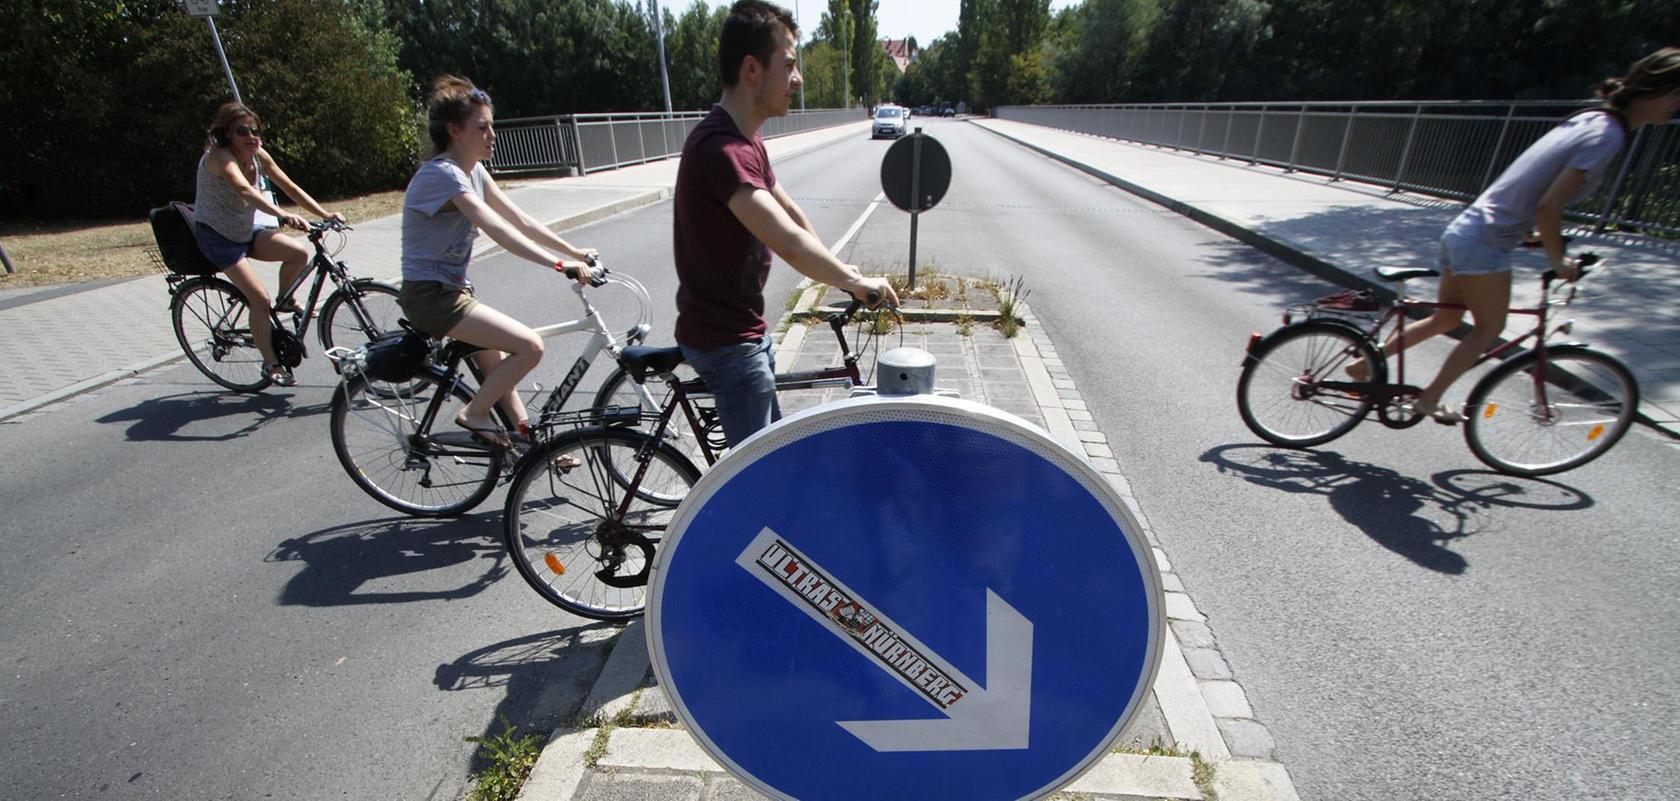 Einer der Gefahrenpunkte für Radfahrer, bei dem die o Verkehrsplaner neue Wege gehen wollen: Die Flußstraße im Osten des Pegnitztals.